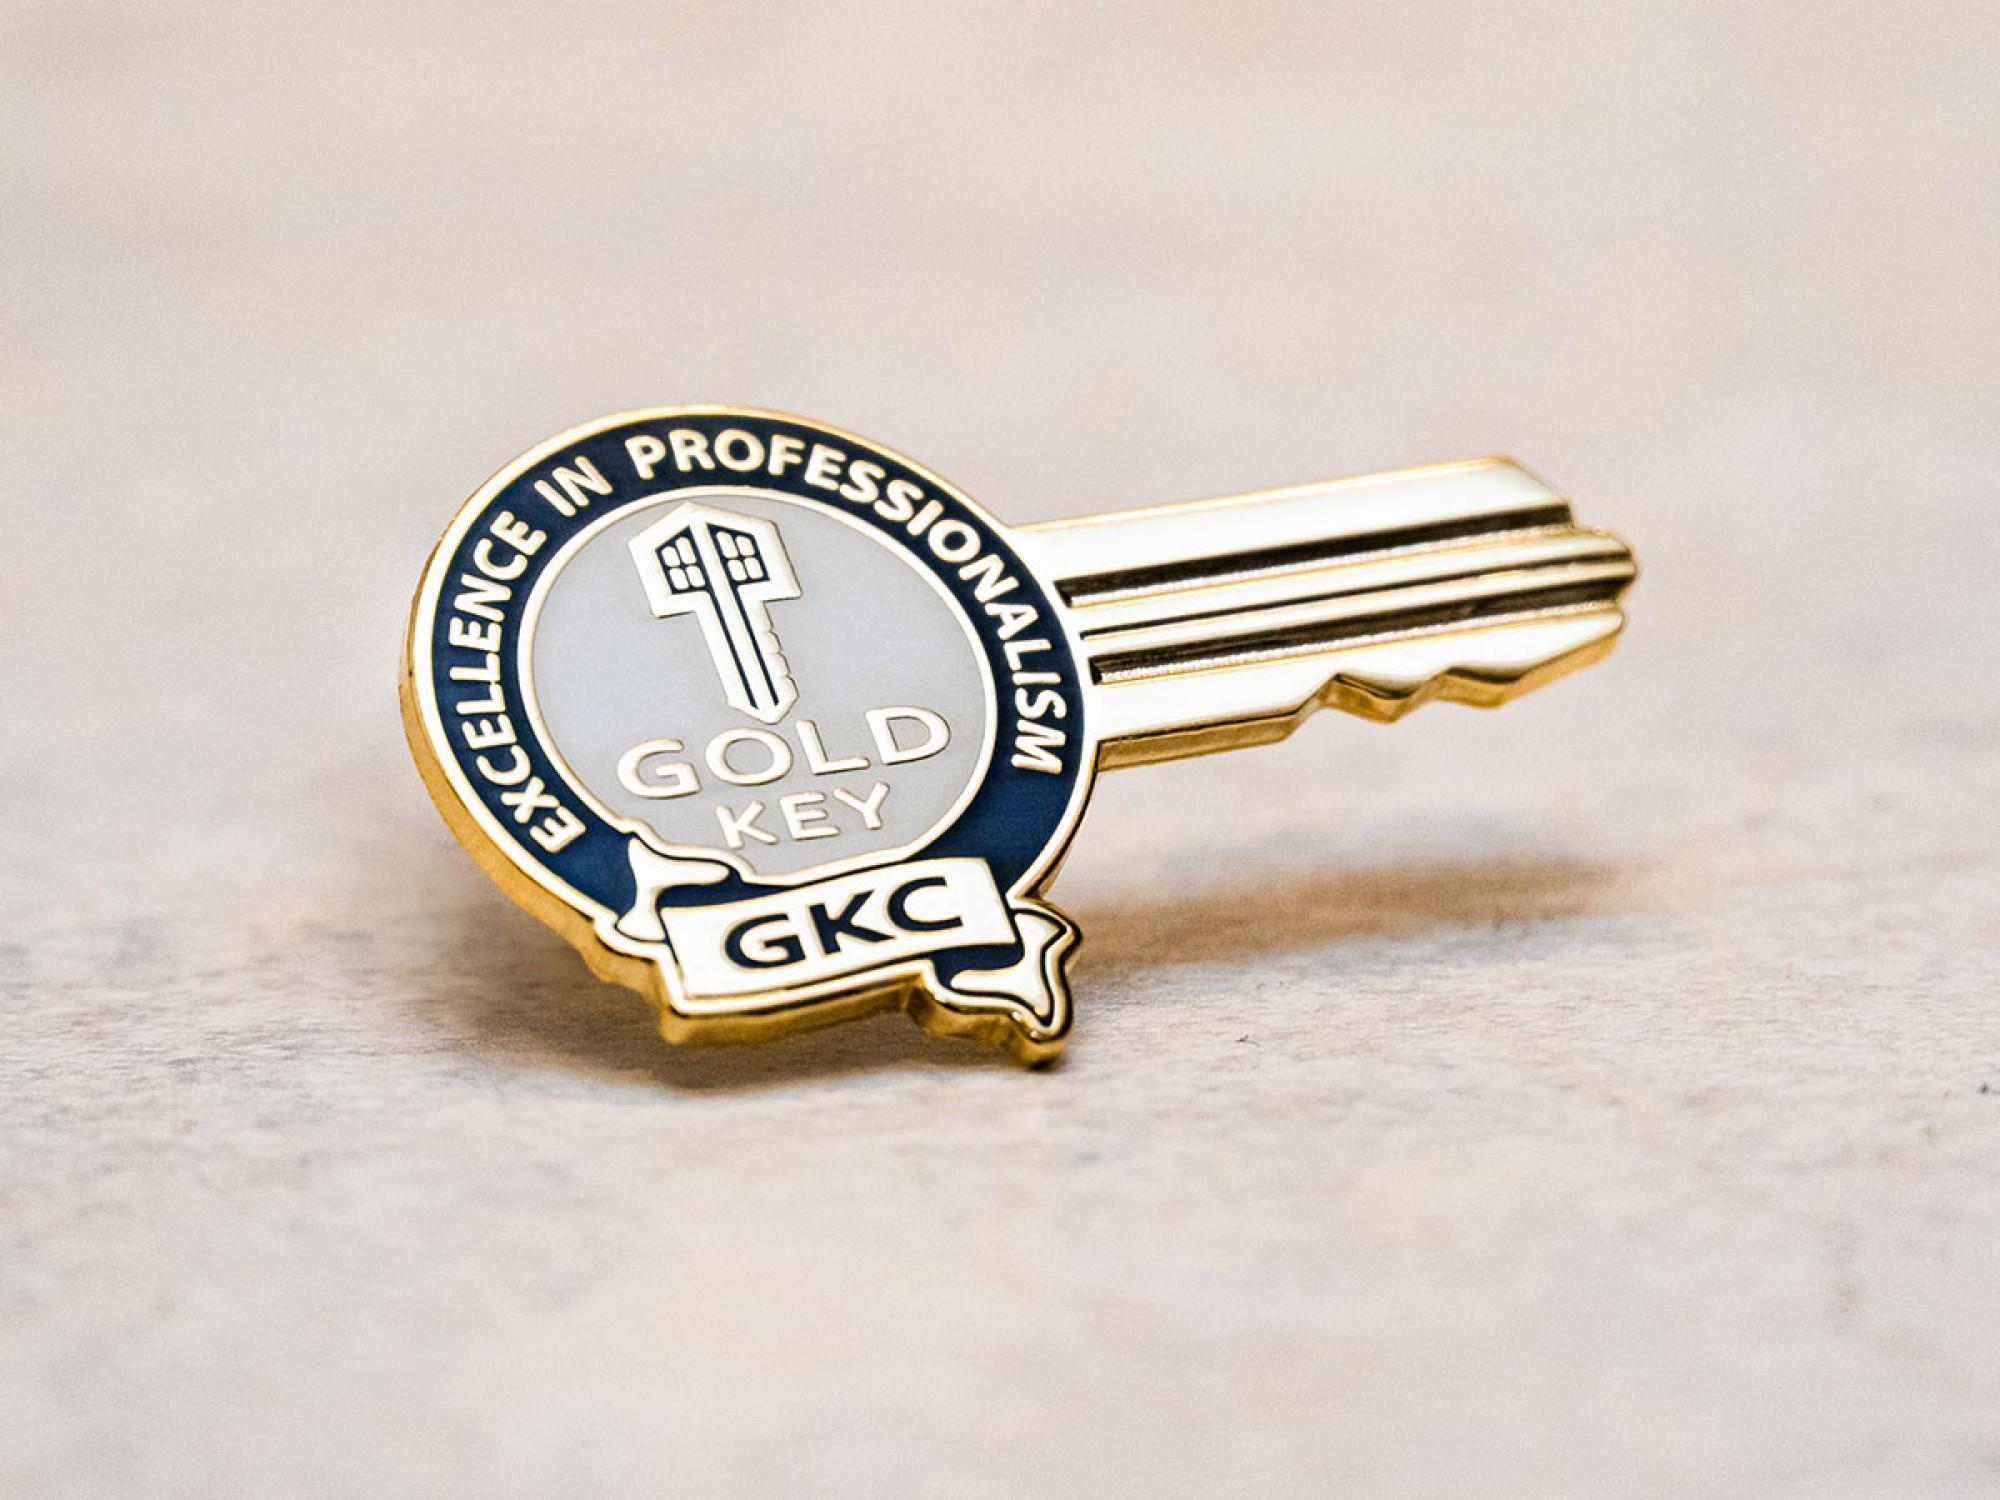 NEFAR congratulates 73 new Gold Key members